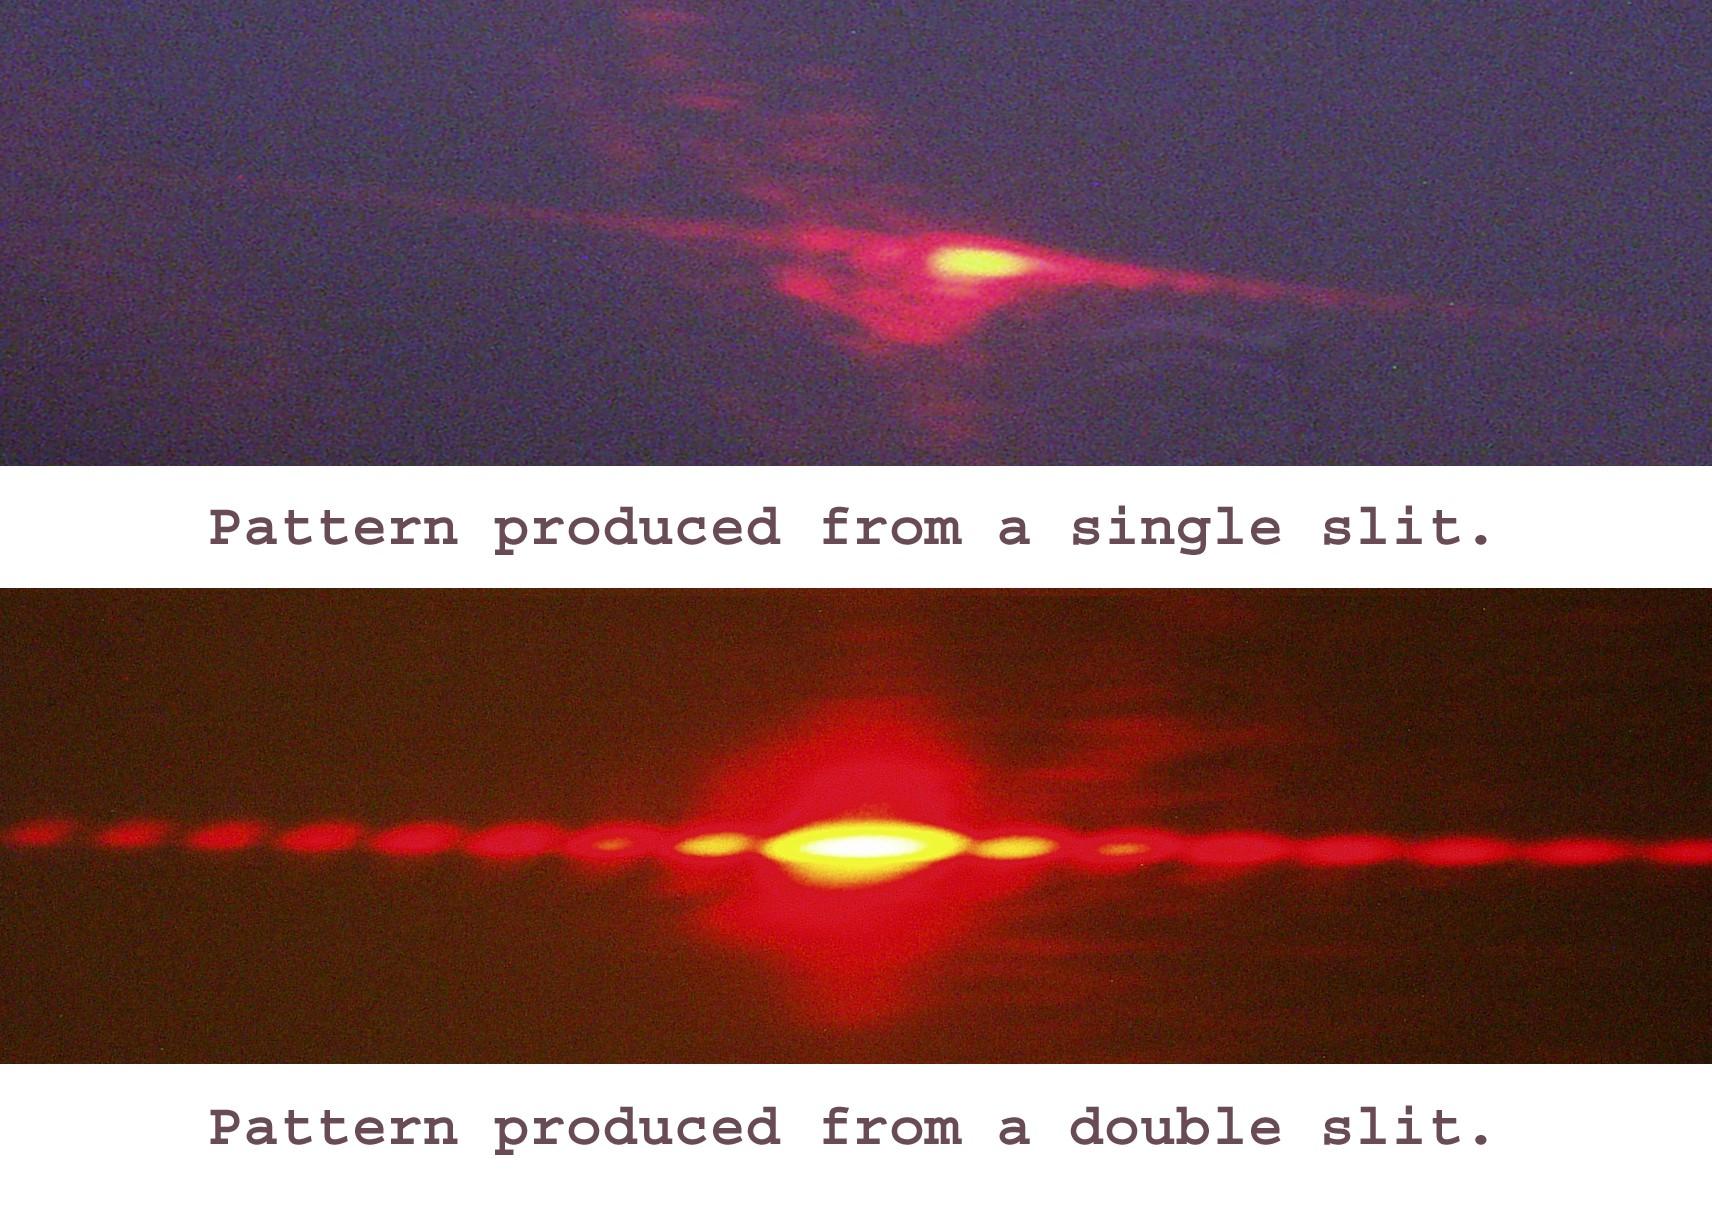 Young Deneyi'nde, tek yarık ve çift yarık ile elde edilen aydınlık ve karanlık bölgeler